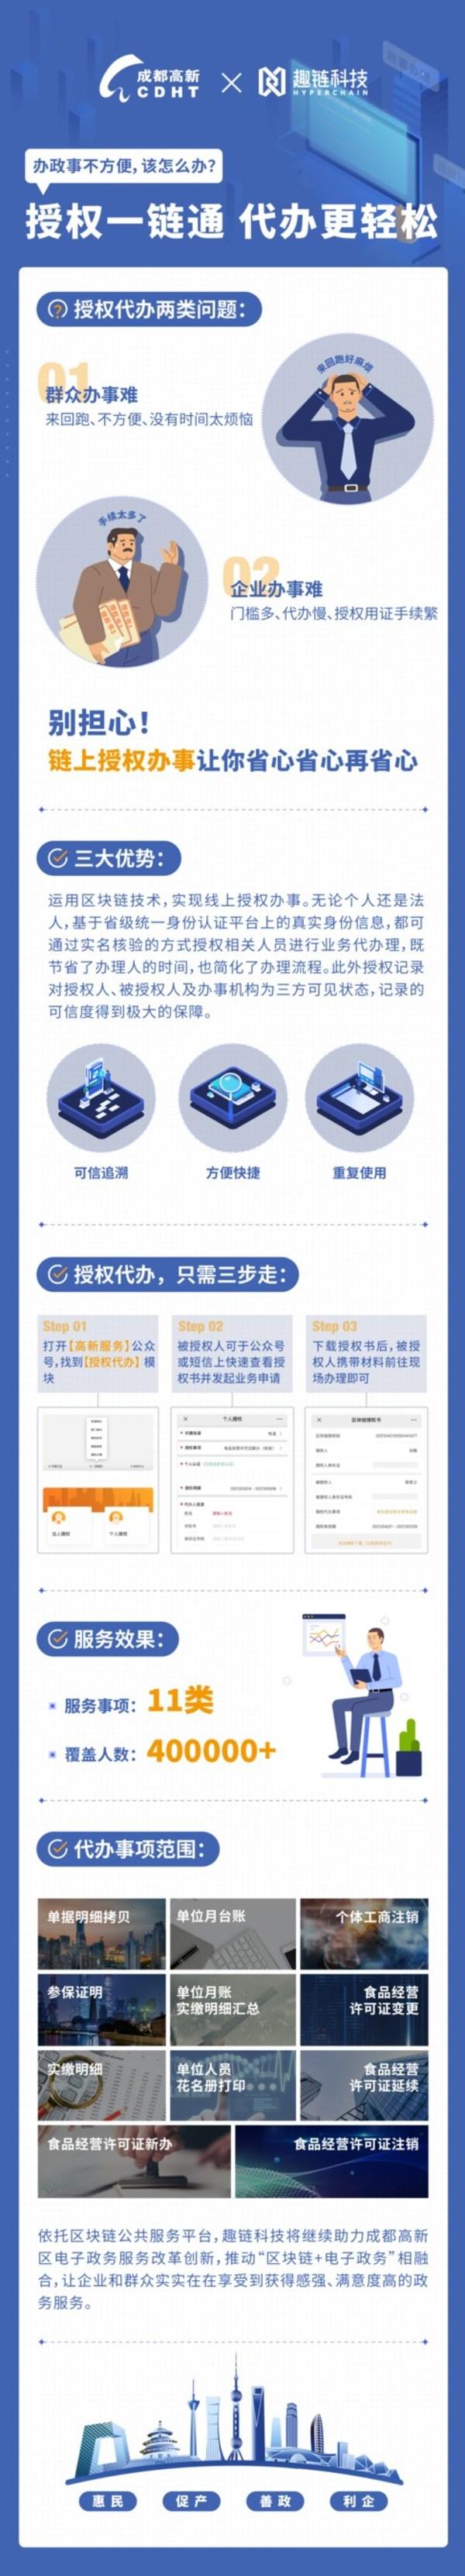 区块链+数字政务 趣链科技创新应用